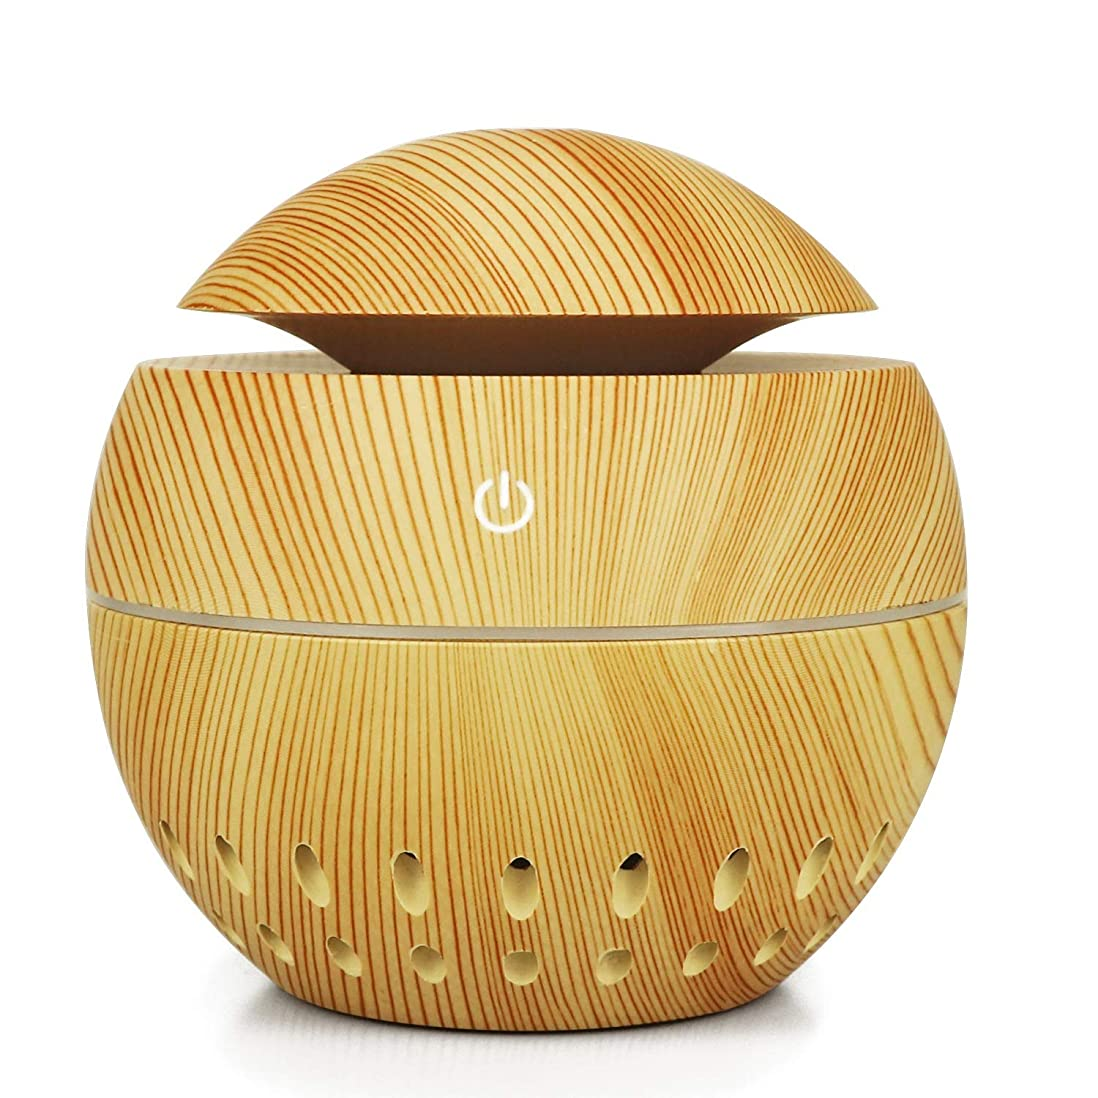 差し控える無法者立証する加湿器USBウッドグレイン中空加湿器きのこマシン総本店小型家電、ブラウン (Color : Brass)